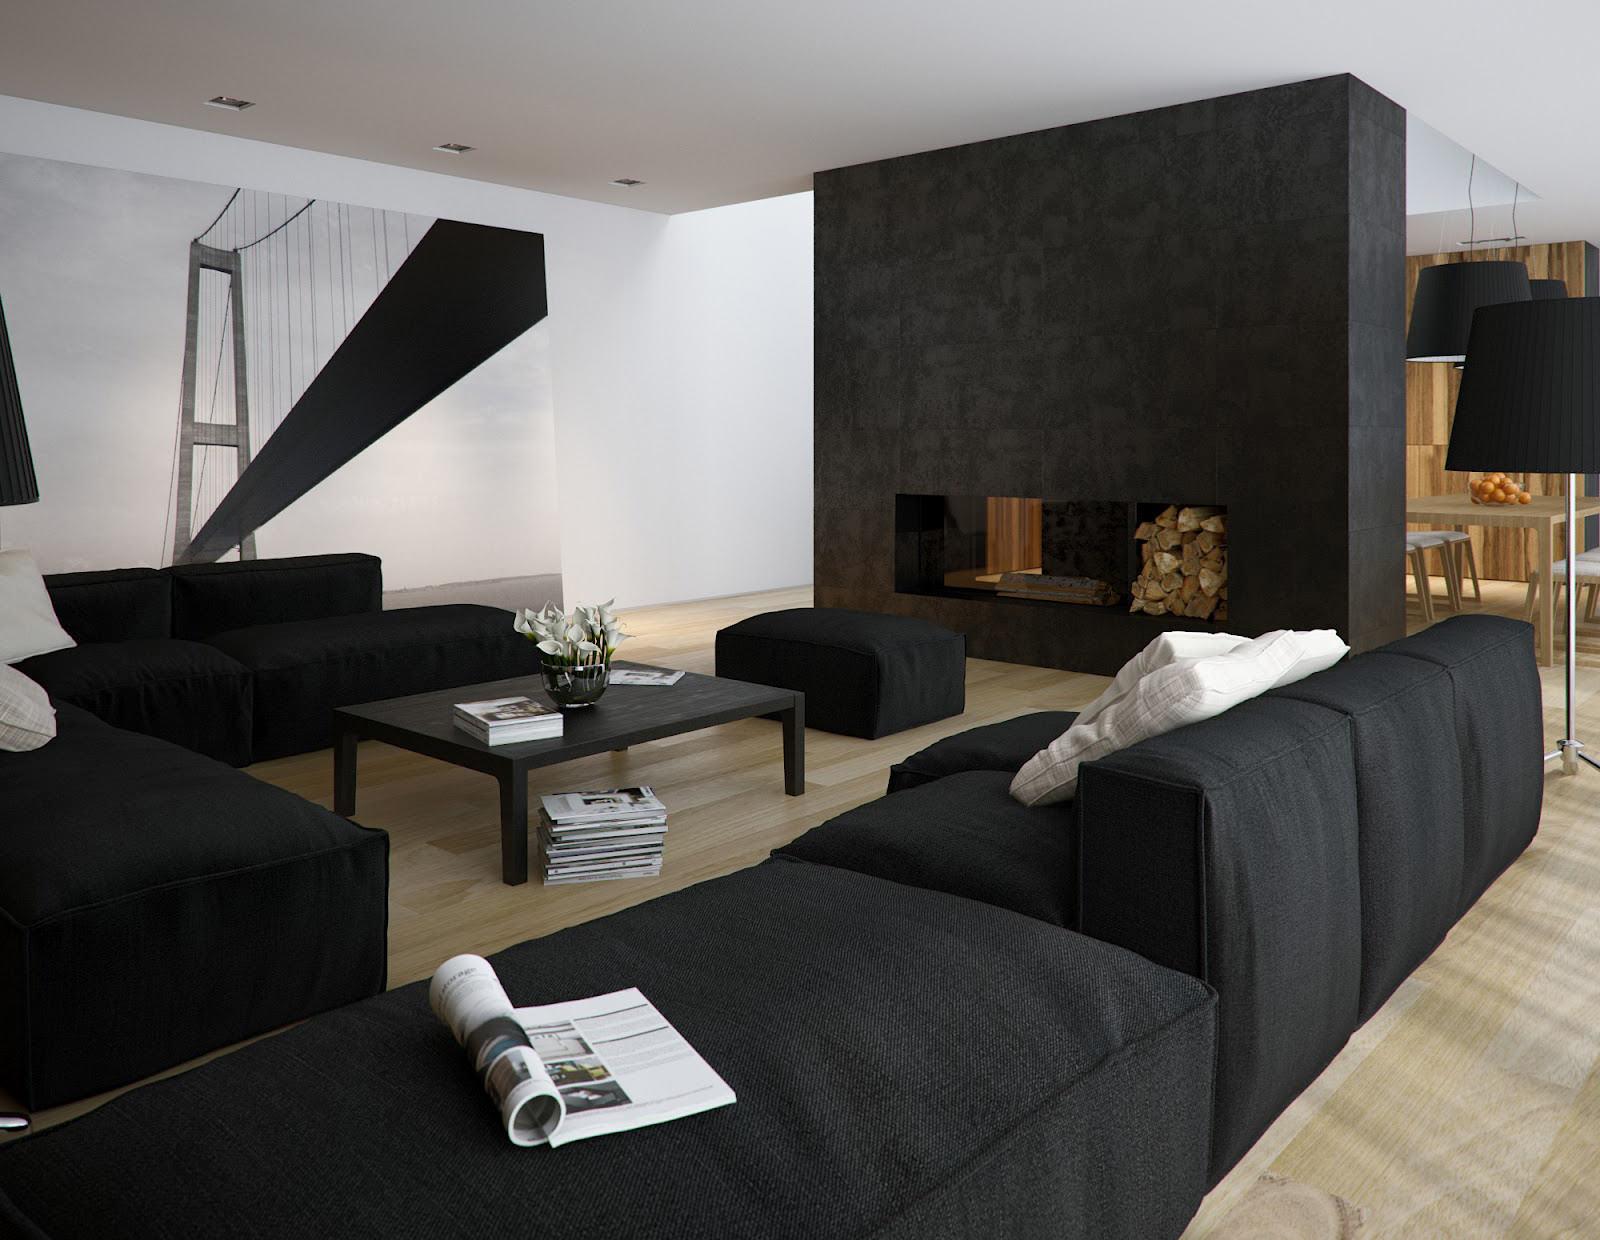 20 современных интерьеров гостиной в чёрно-белых тонах